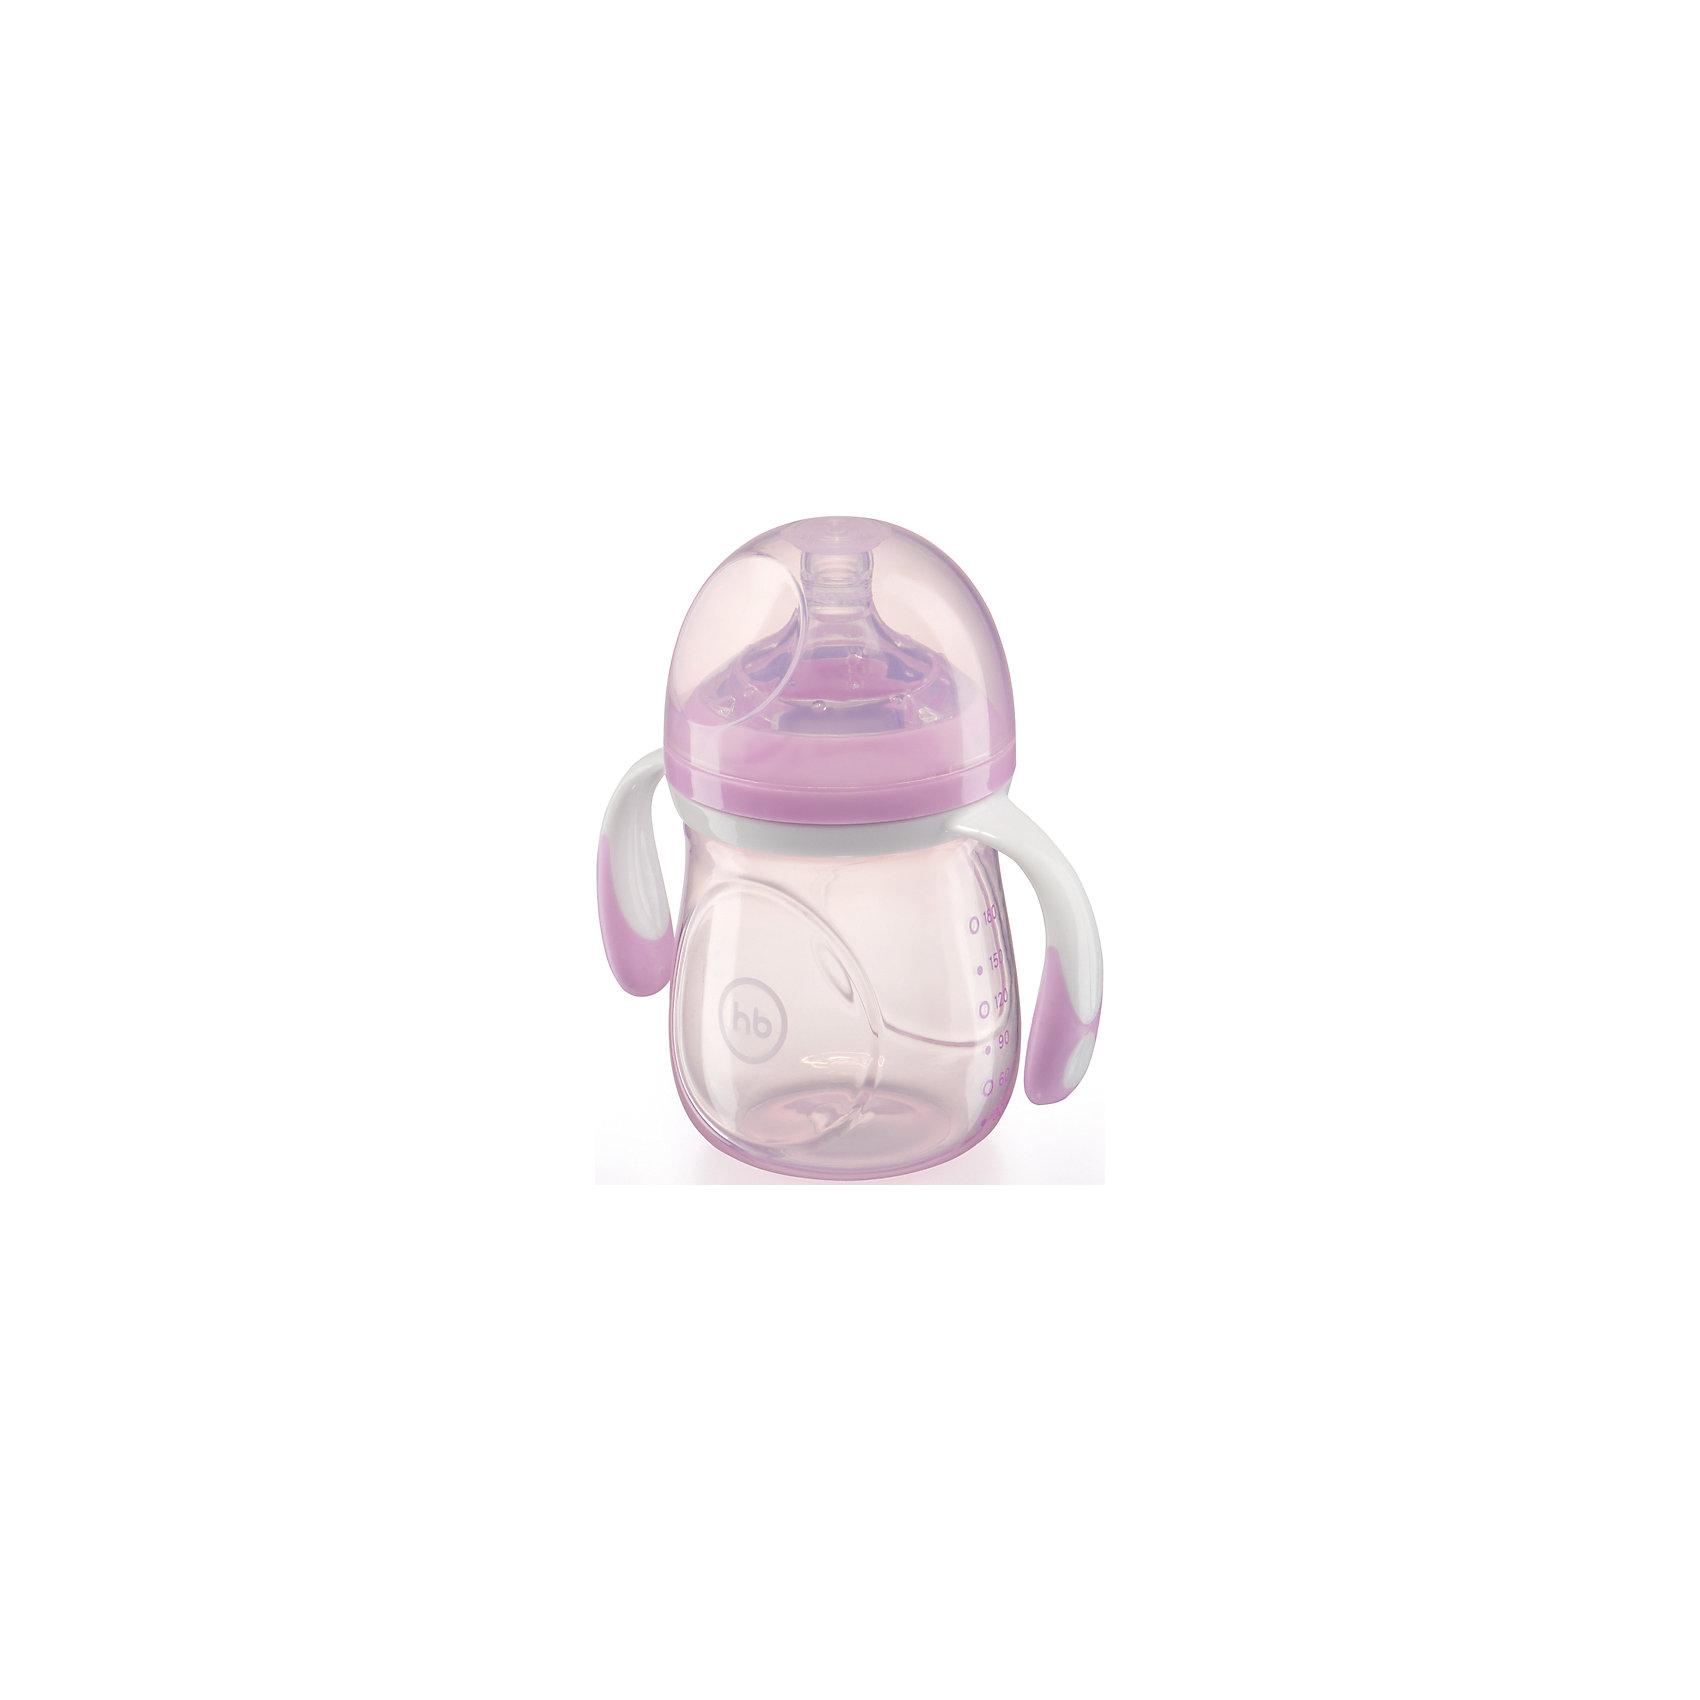 Happy Baby Бутылочка для кормления с антиколиковой соской, 180 мл, Happy Baby, фиолетовый майка для кормления купить в москве